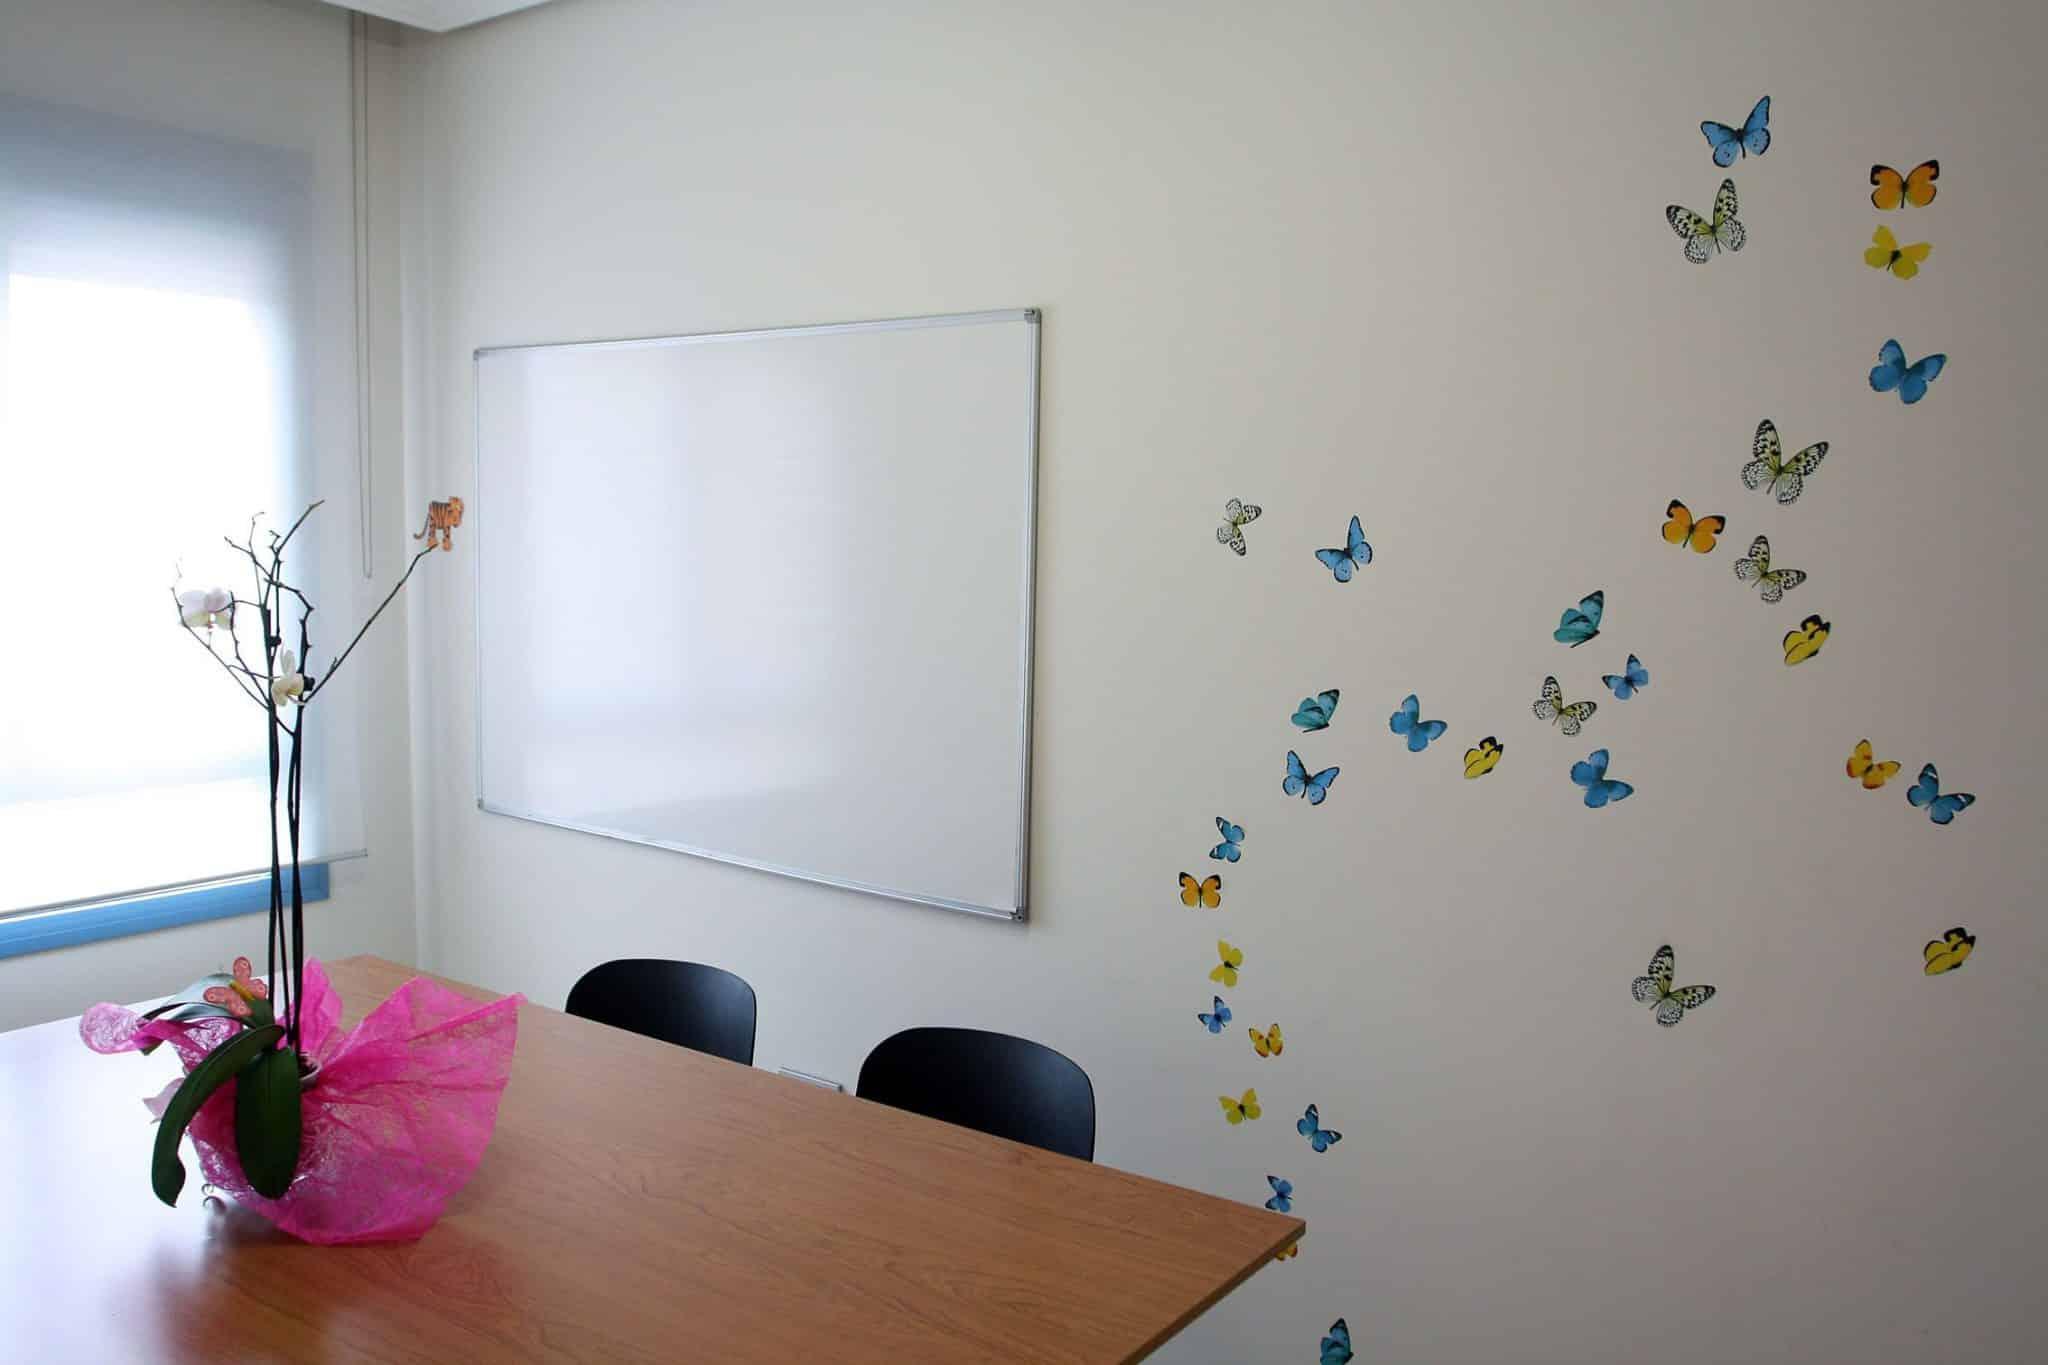 Sala de docencia 2 de Consulta 21 psicólogos Málaga